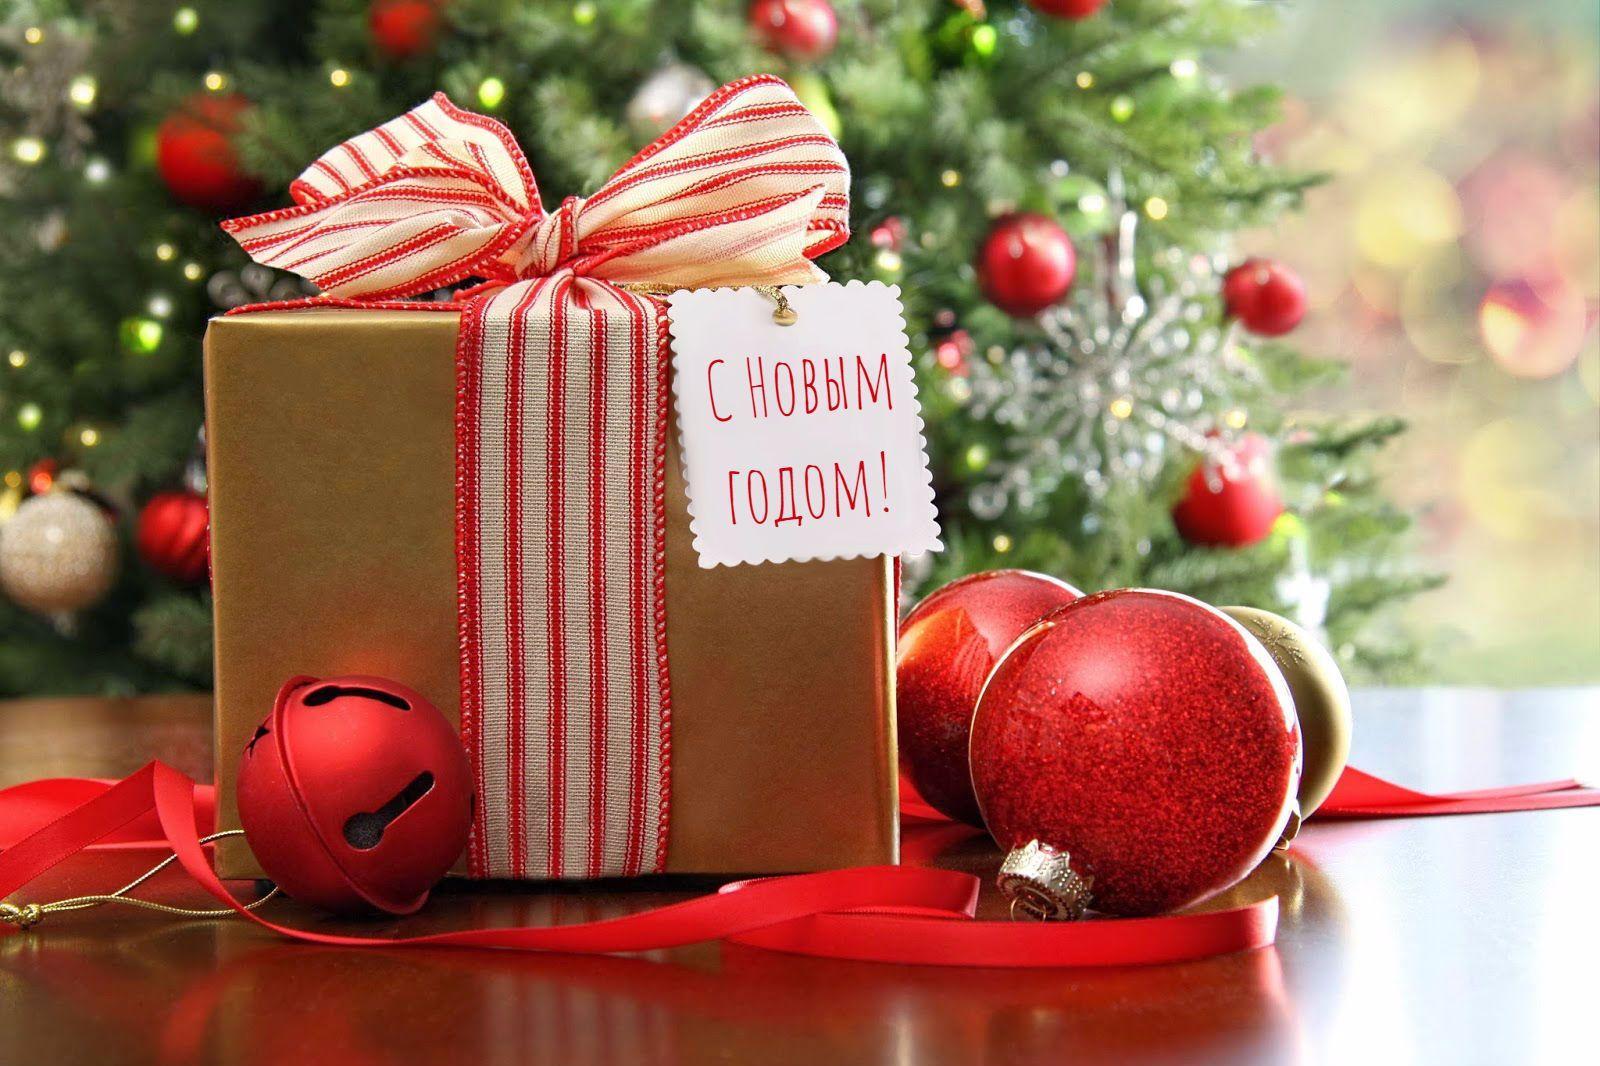 что подарить молодой семье на Новый год до 1000 руб?